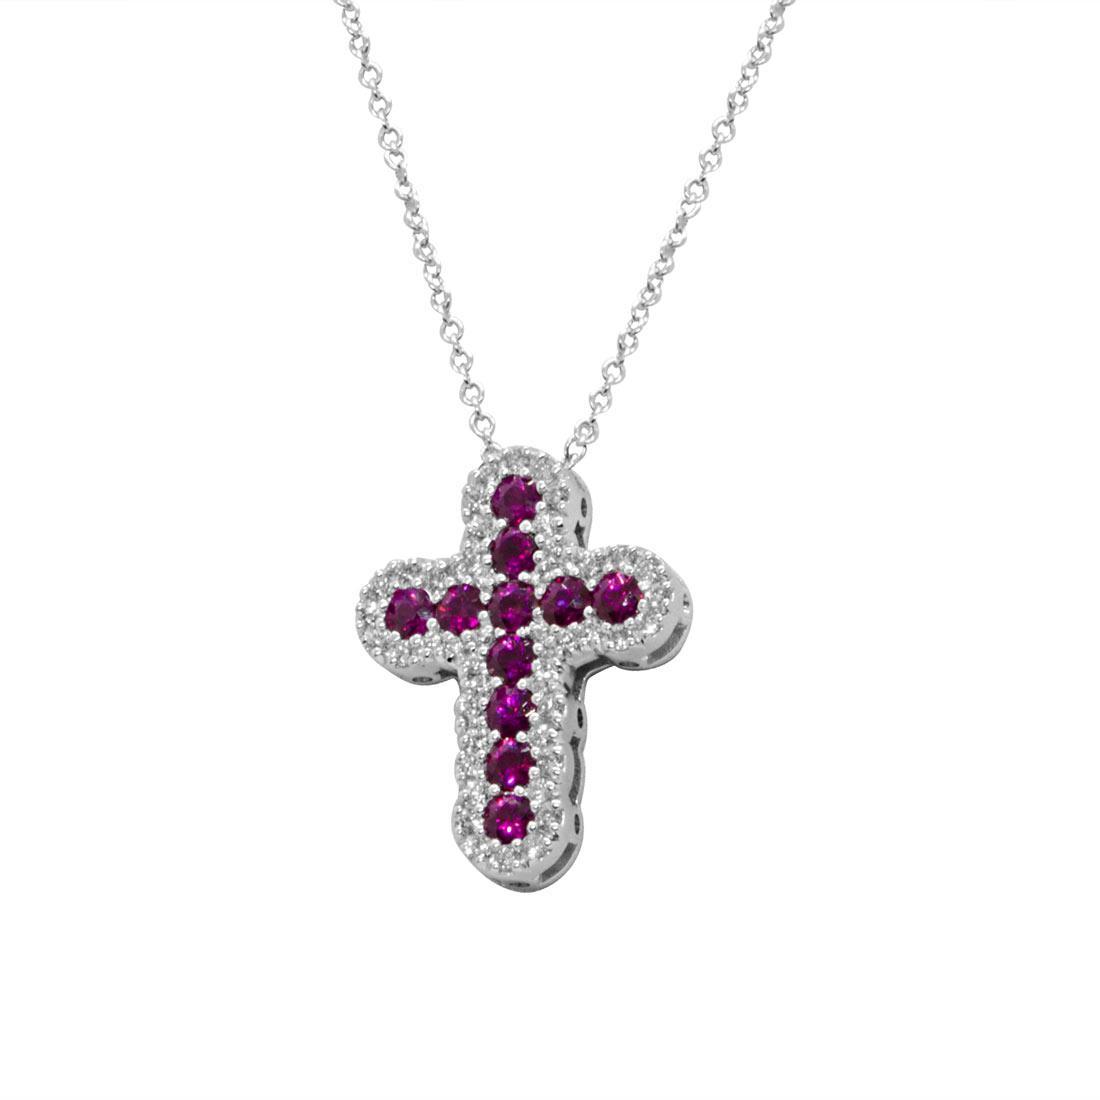 Collana in oro bianco con croce di diamanti e rubini - ALFIERI & ST. JOHN